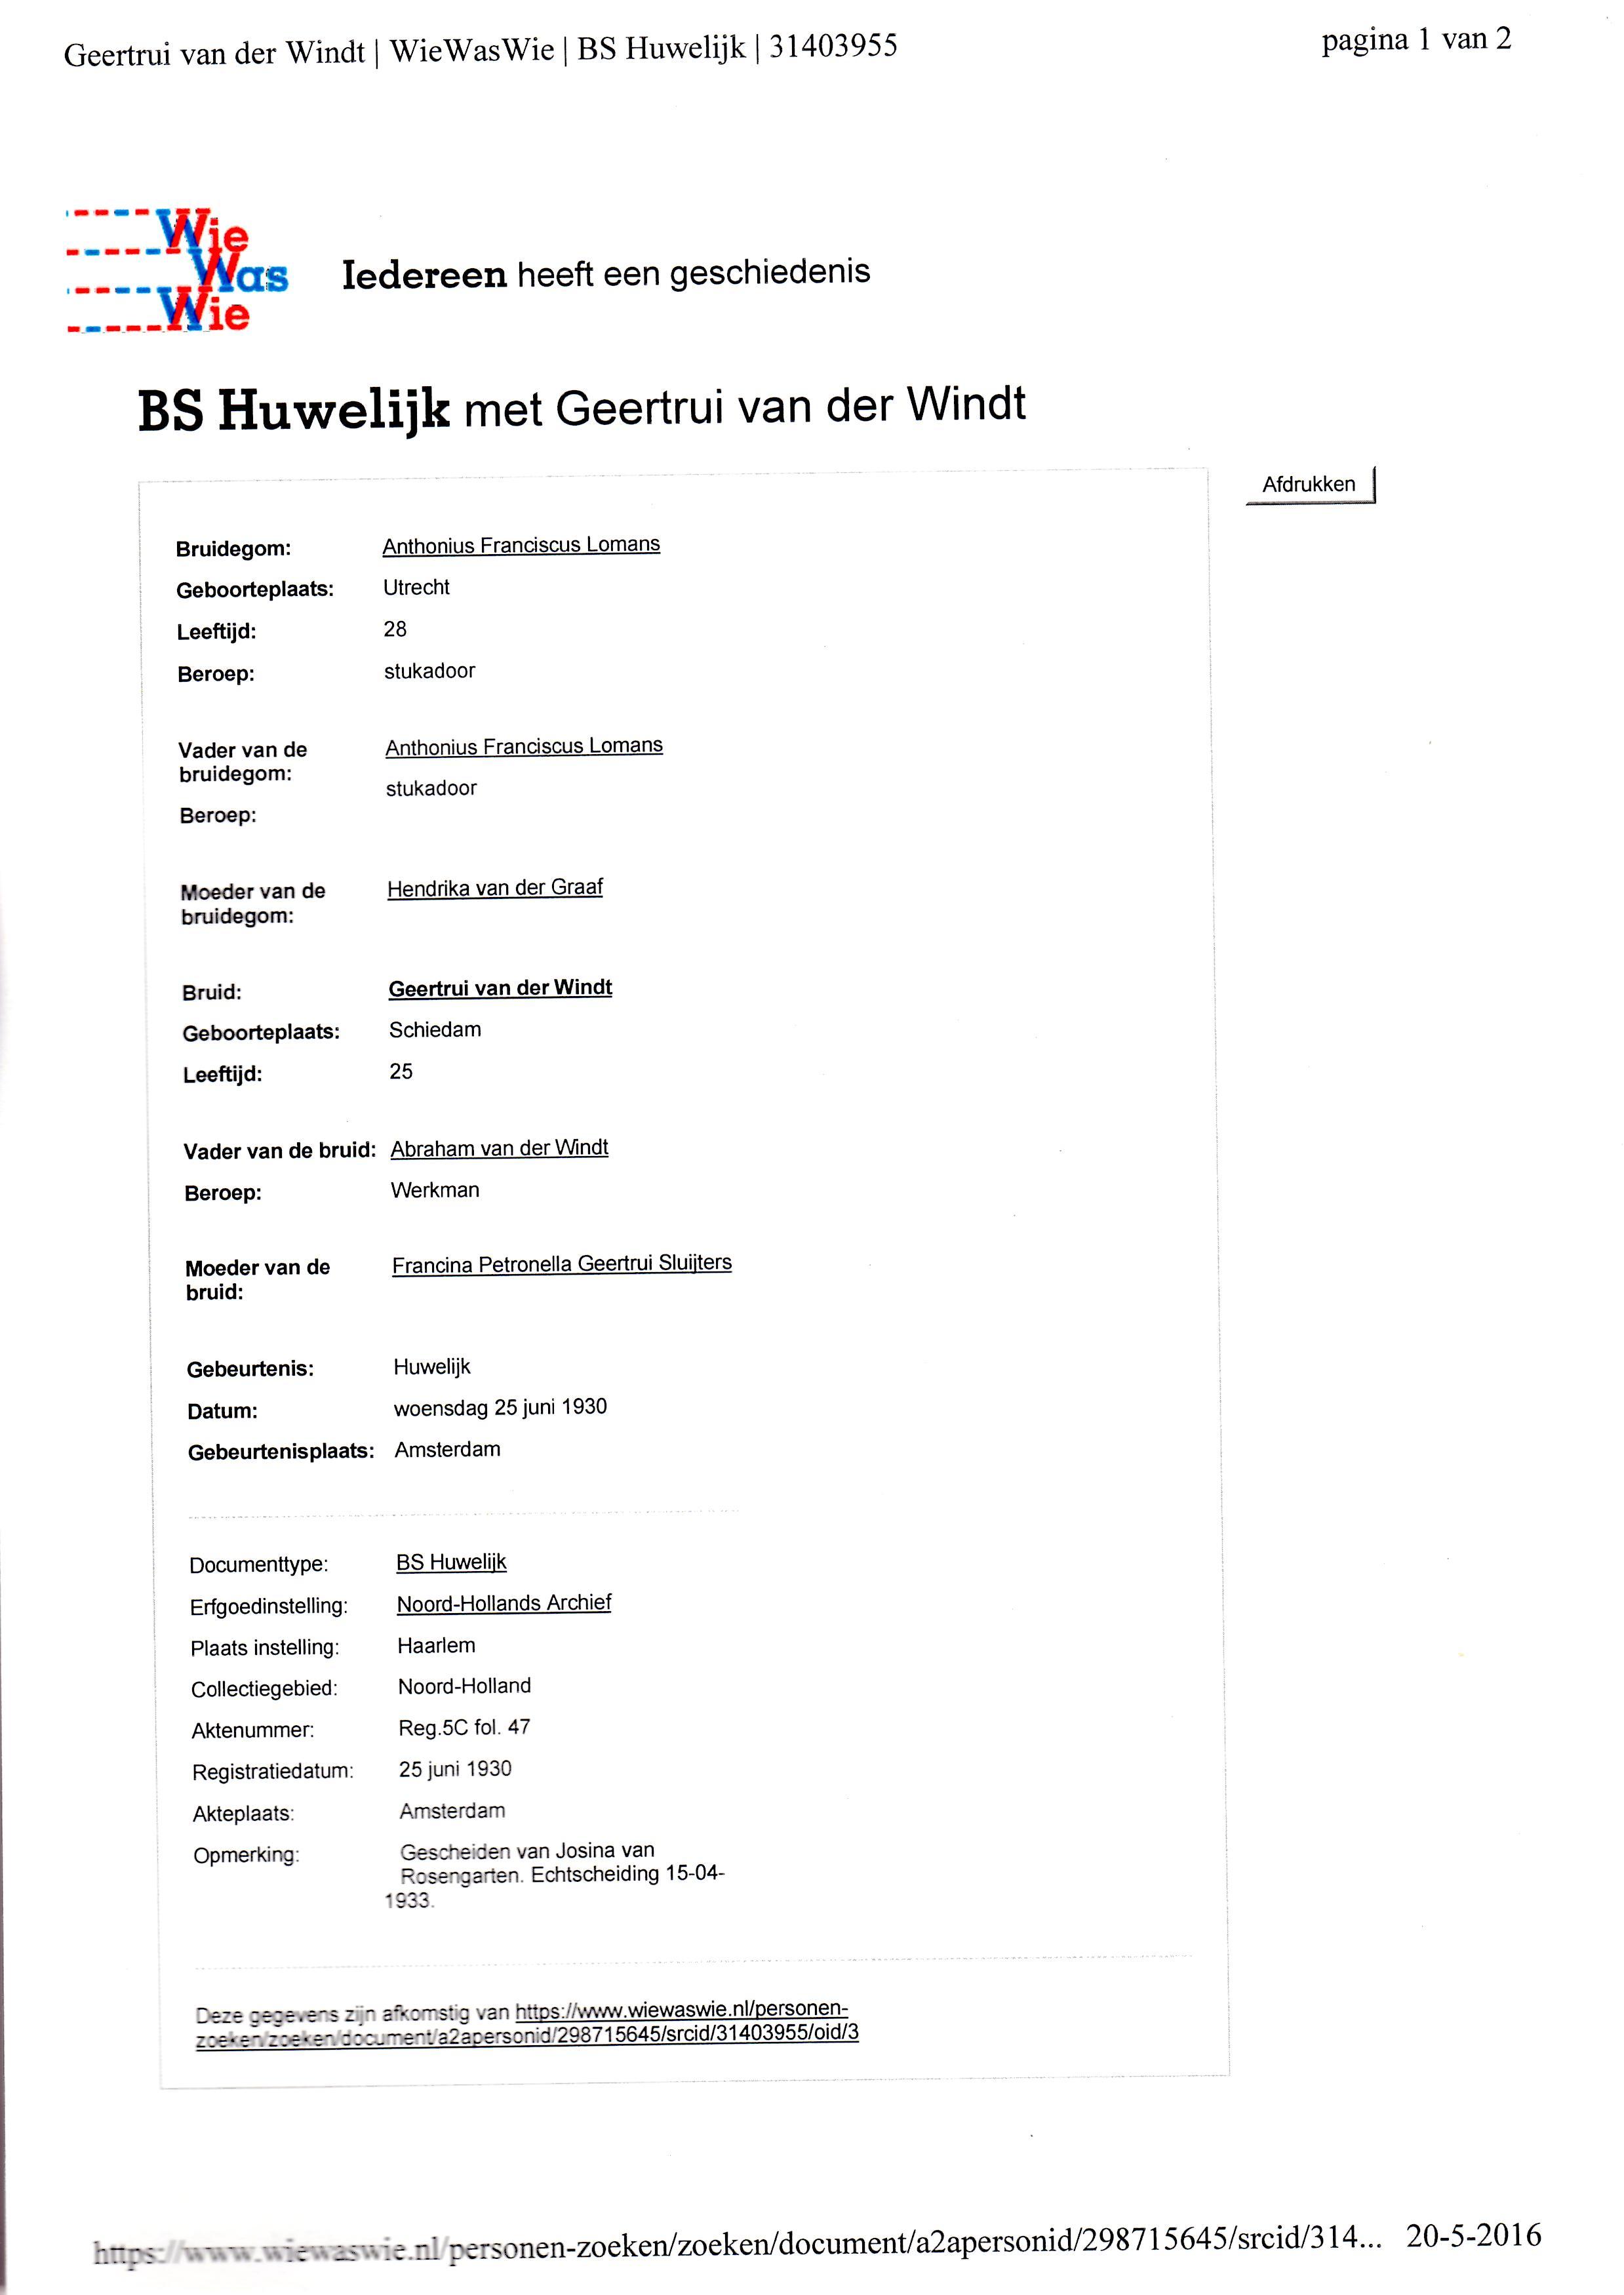 1930-06-25 Huwelijk Geertrui van der Windt en Anthonius Franciscus Lomans